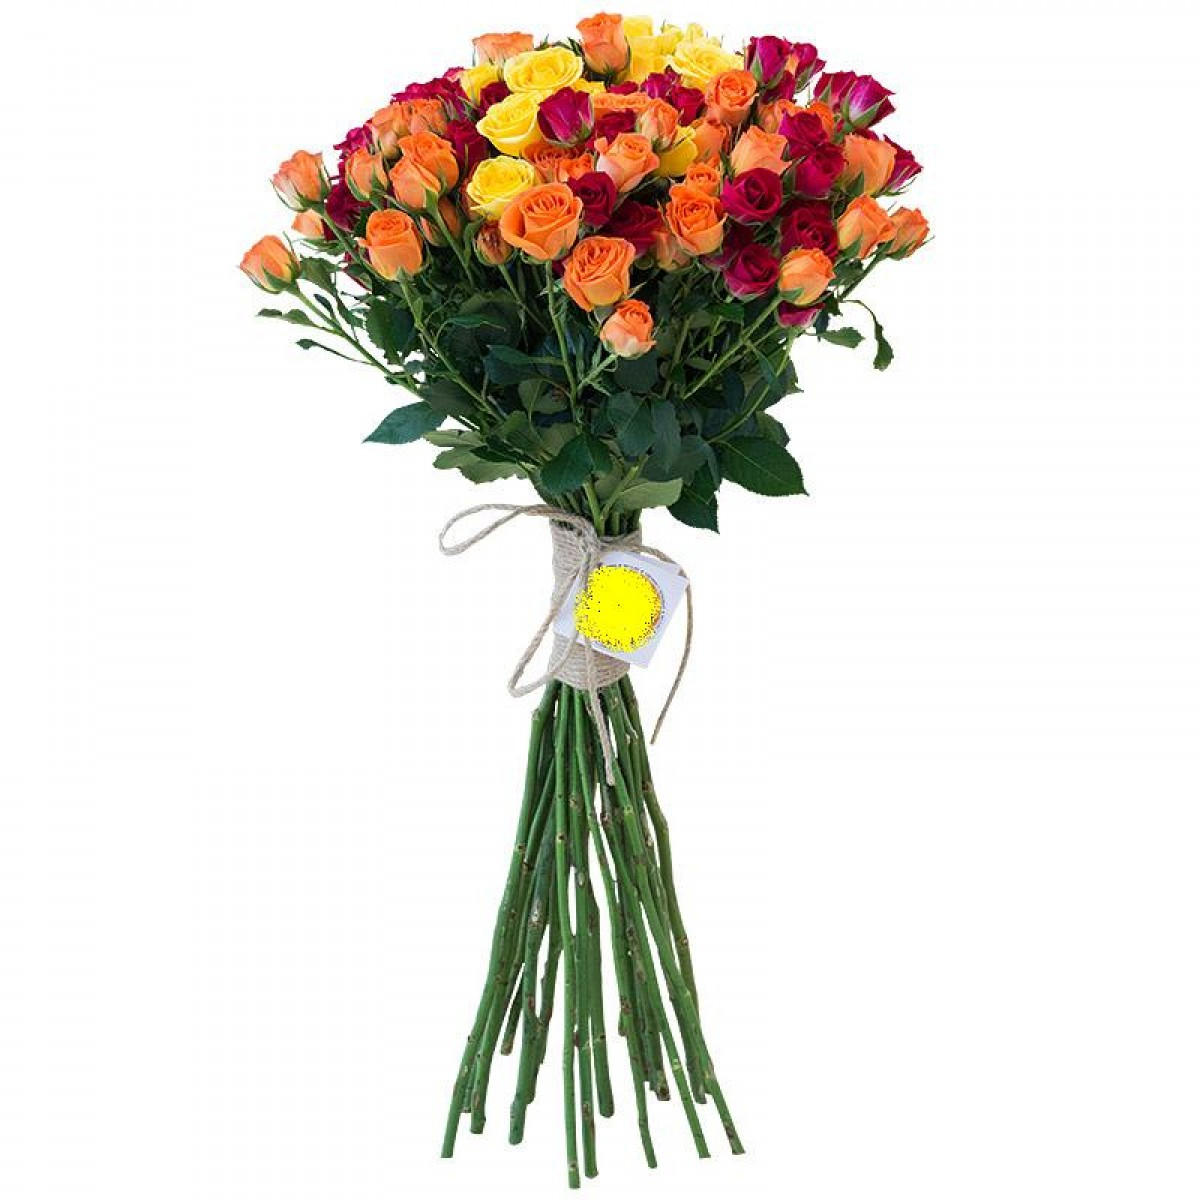 Букет от 11 до 15 спрей рози в оранжево/жълта гама (ти избираш броя)